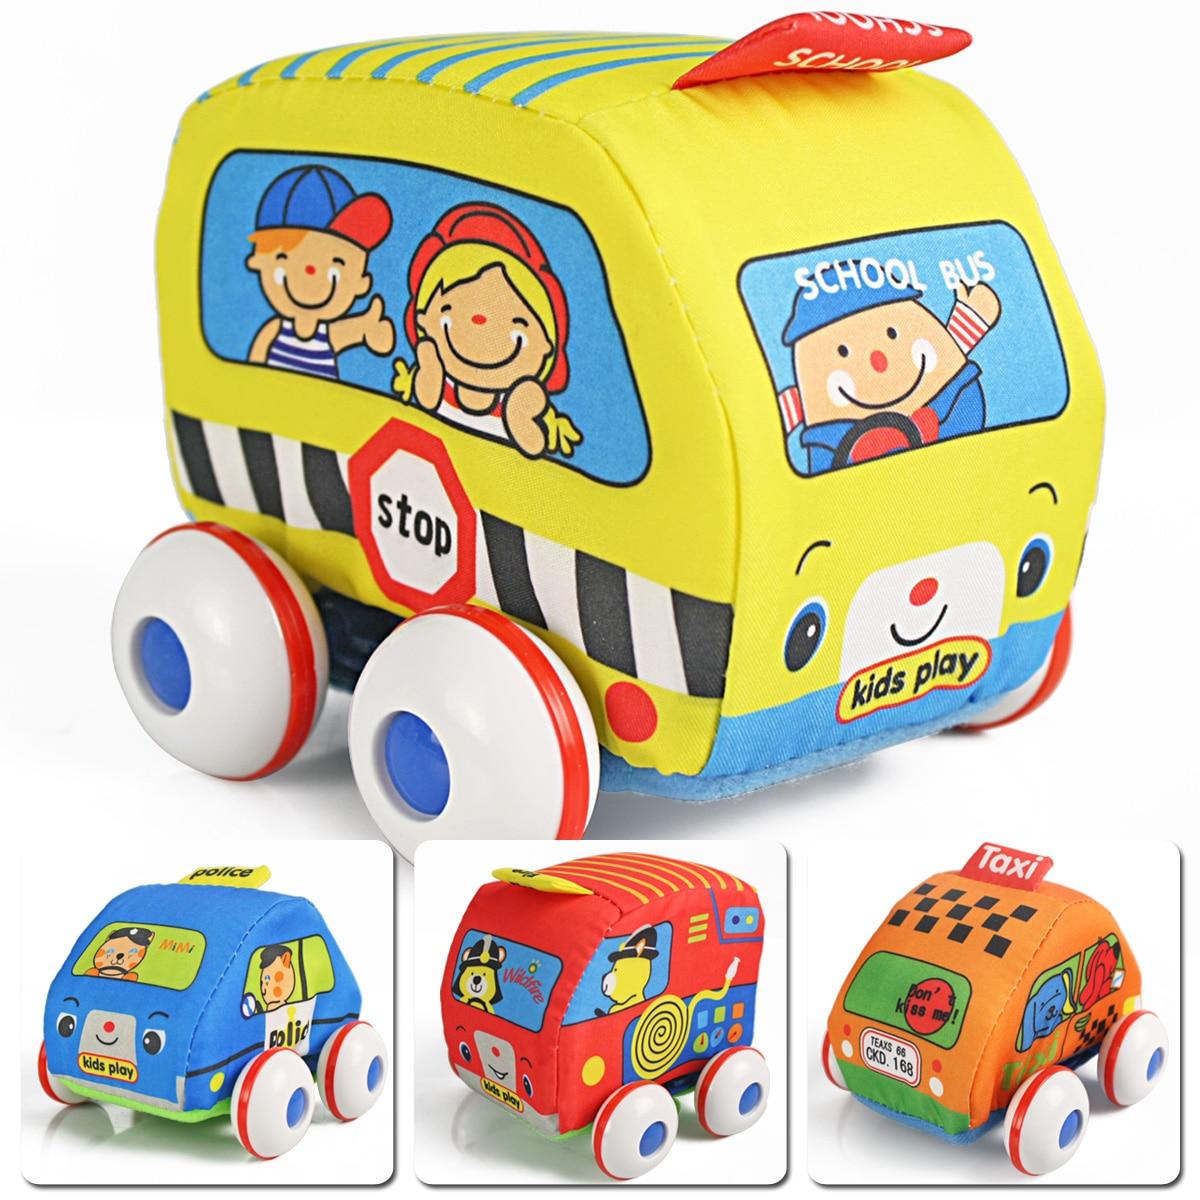 Toy car cartoon sponge WARRIOR car police car fire truck school bus toy set